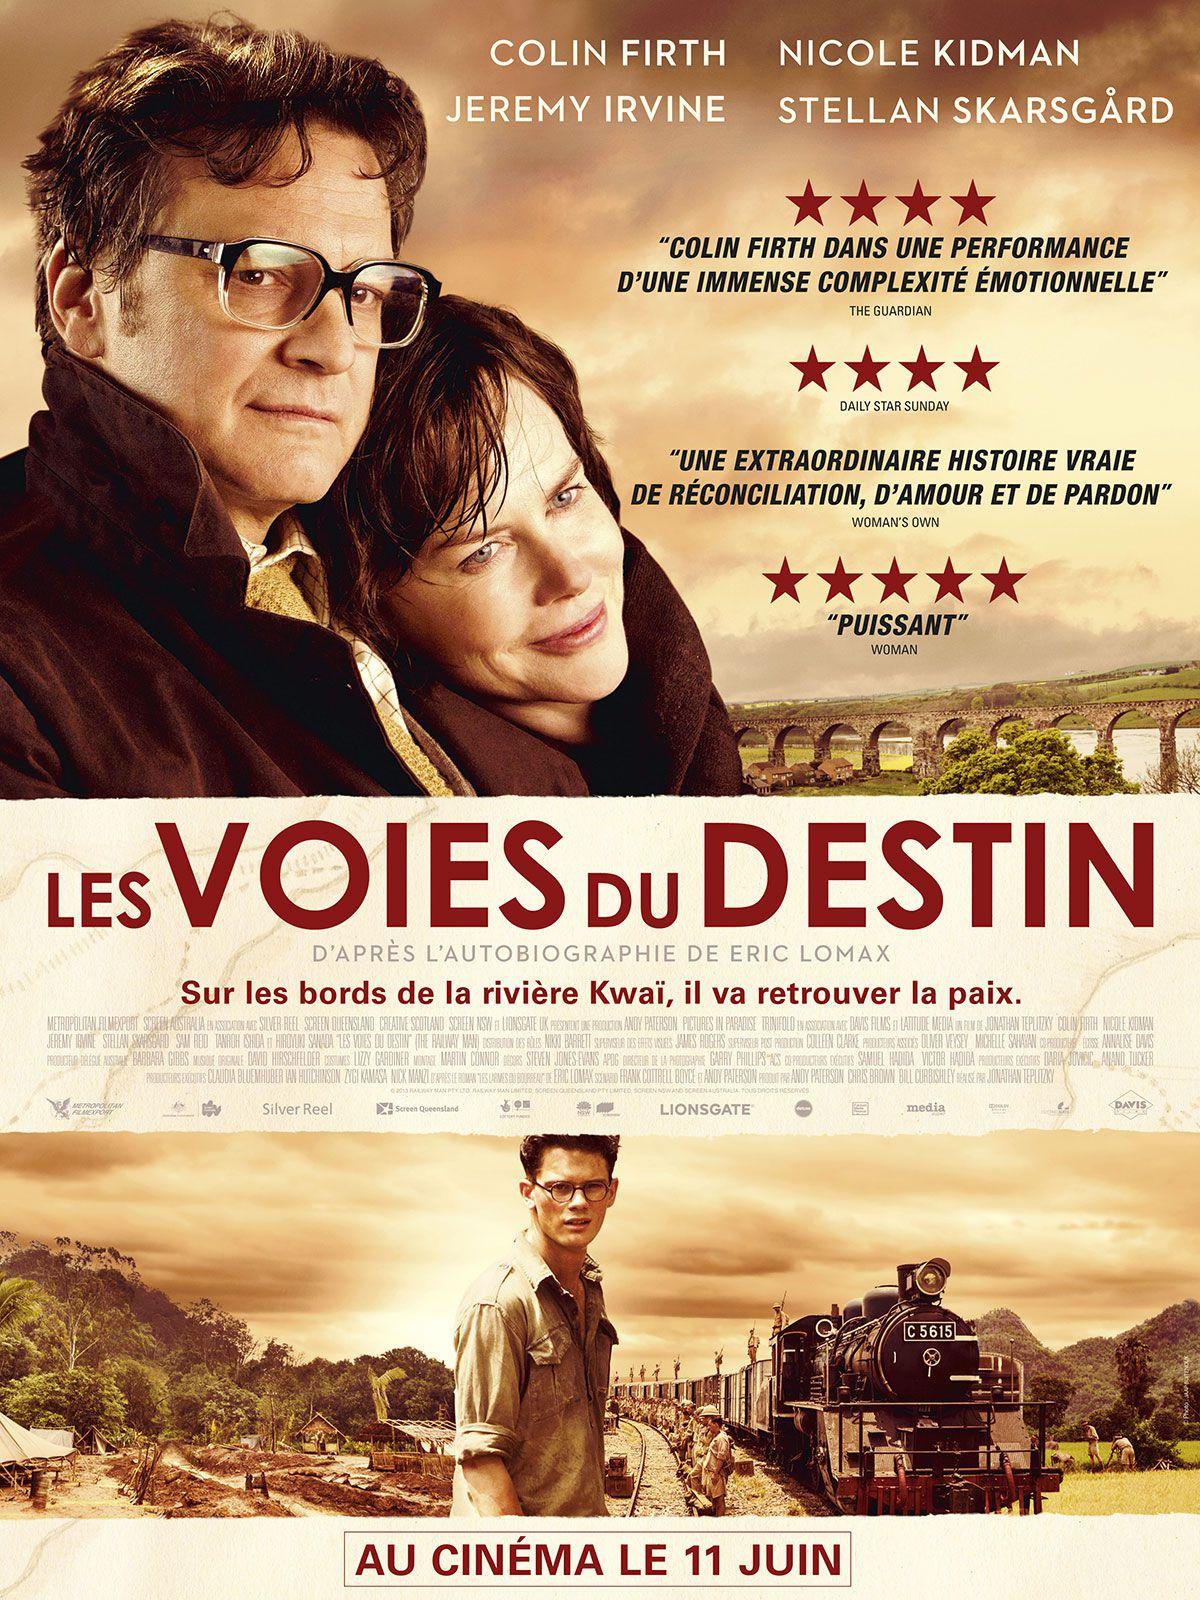 Les Voies du destin - Film (2013)